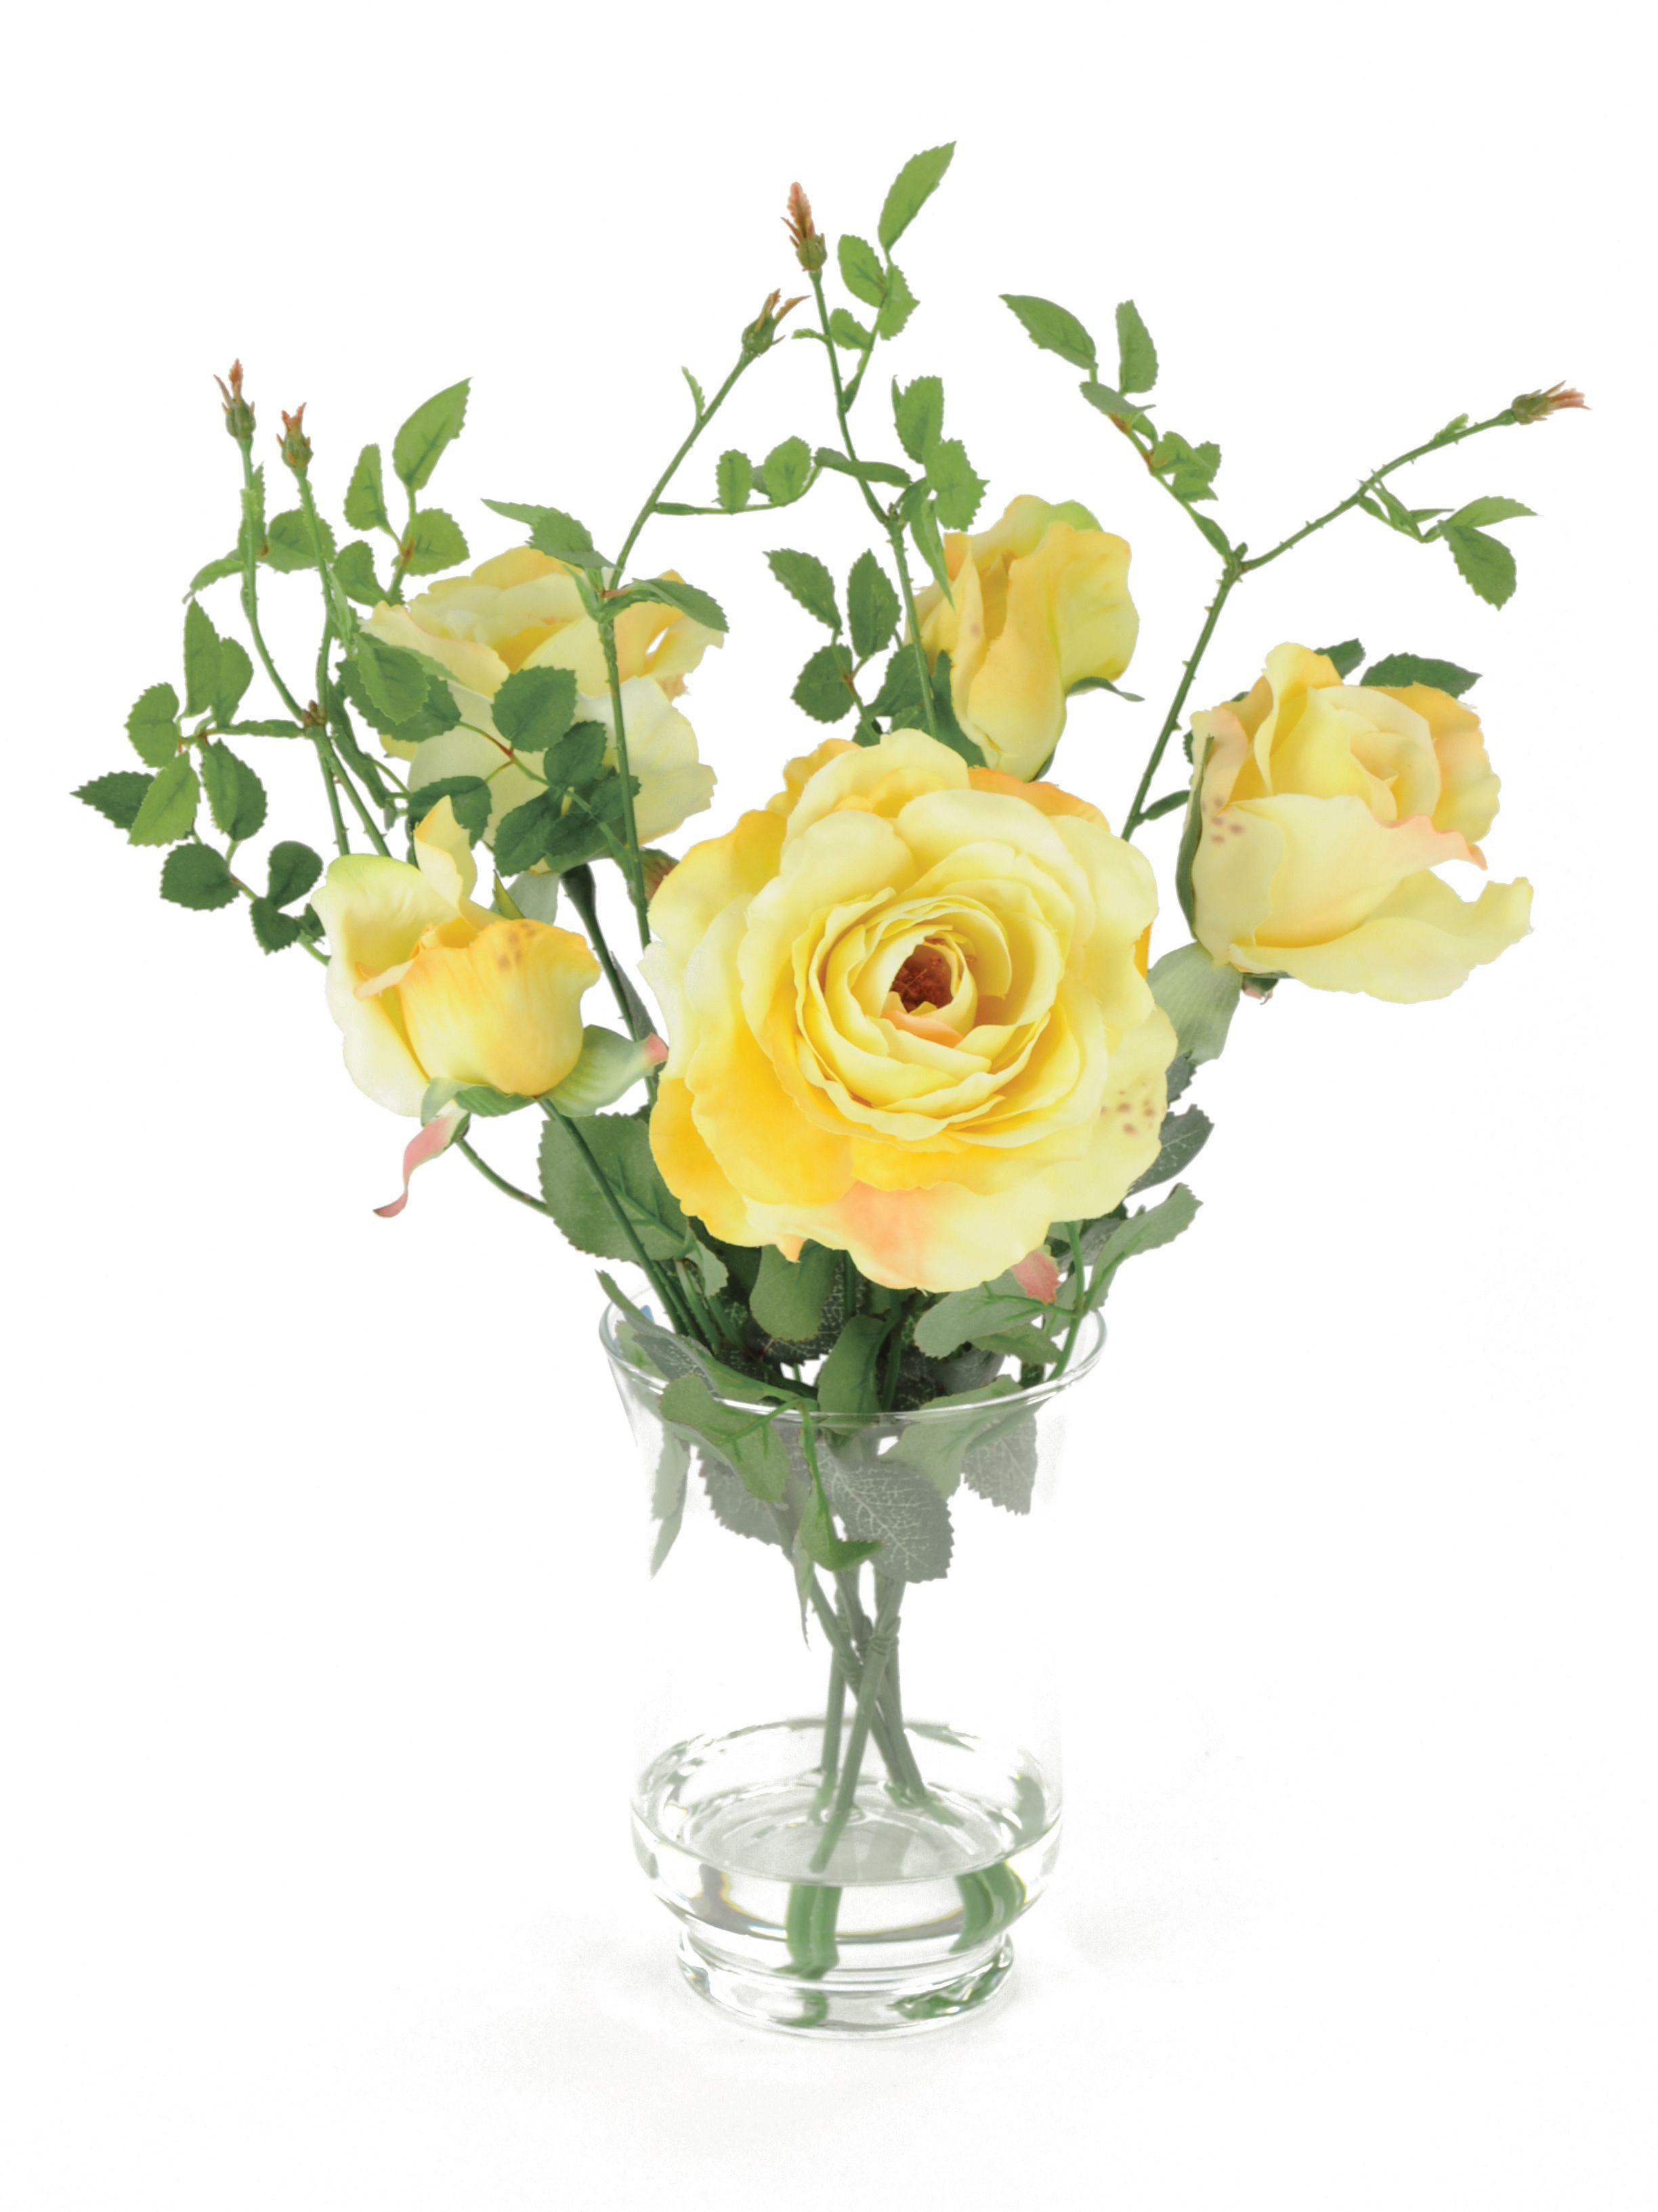 Artificial Flower Bouquet Yellow Flower Garden 21 Tall Etsy Artificial Flower Bouquet Yellow Flower Arrangements Artificial Flowers